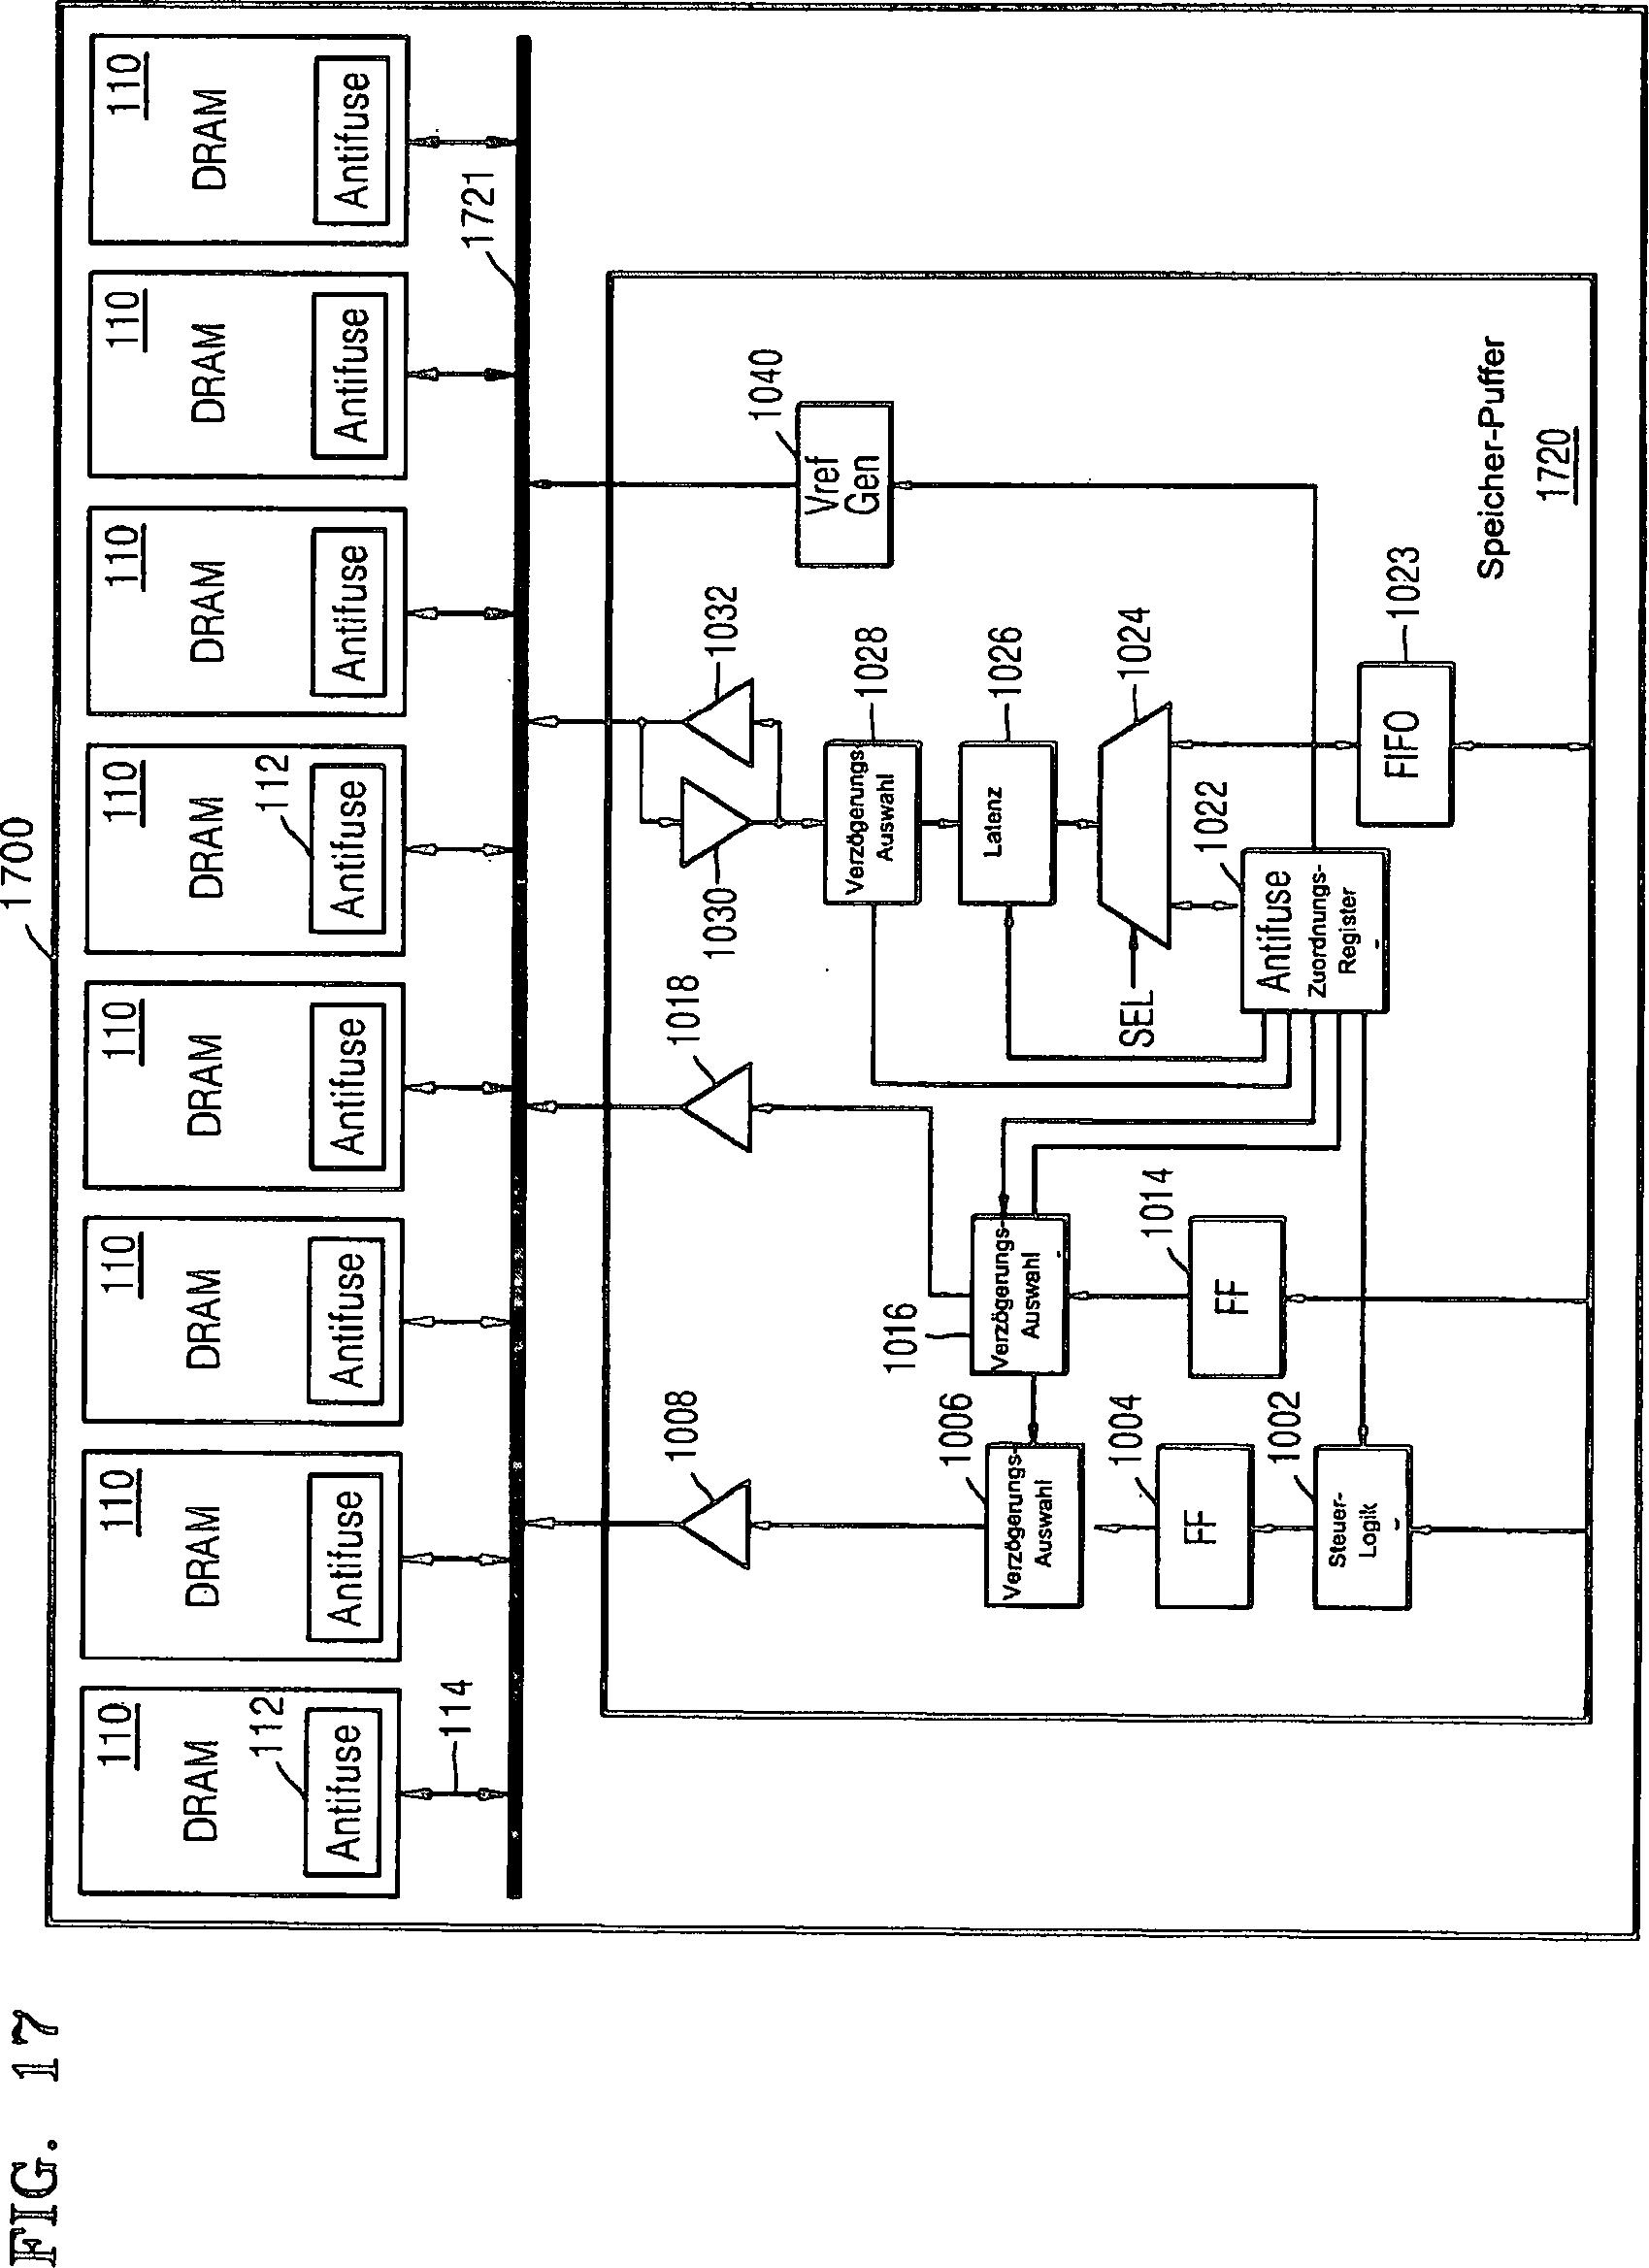 Fein Verdrahtungslayout Software Ideen - Schaltplan Serie Circuit ...